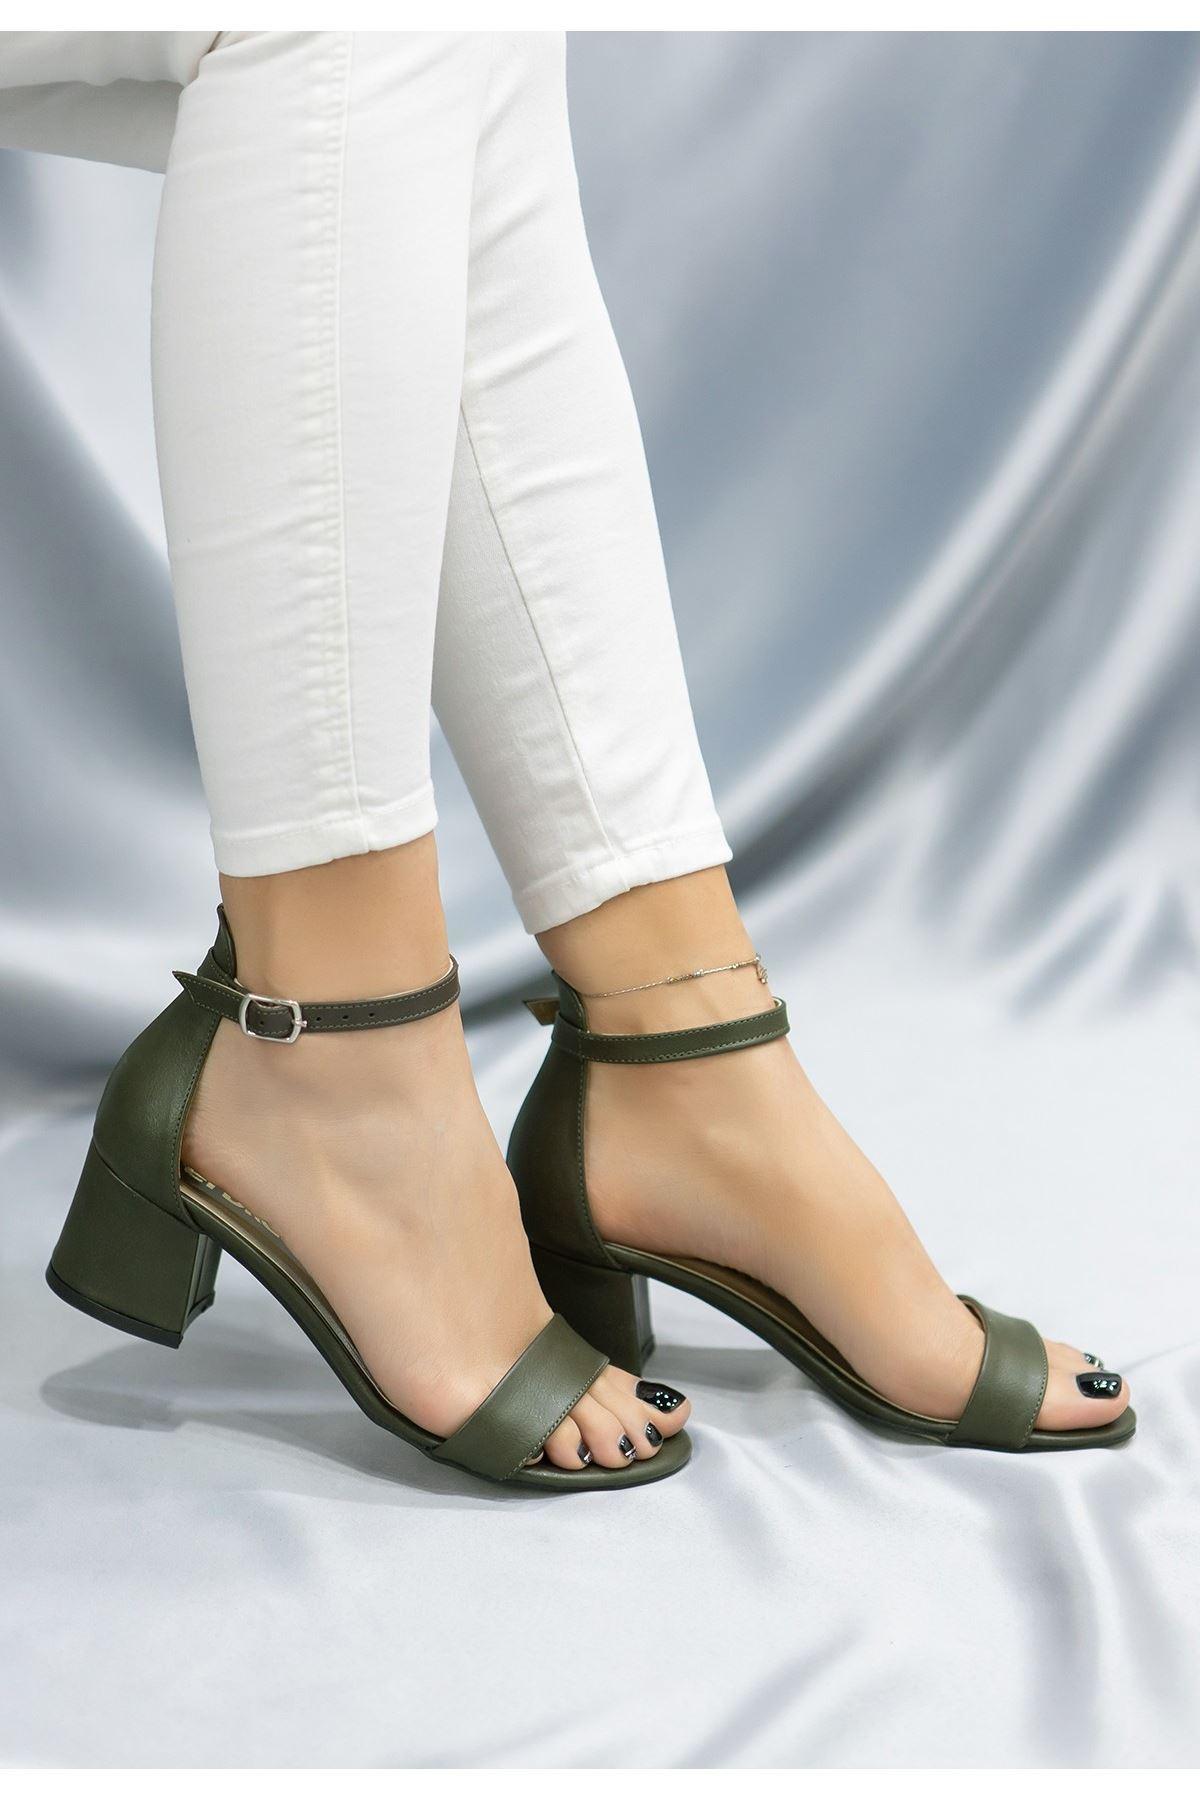 Epon Koyu Yeşil Cilt Tek Bant Topuklu Ayakkabı